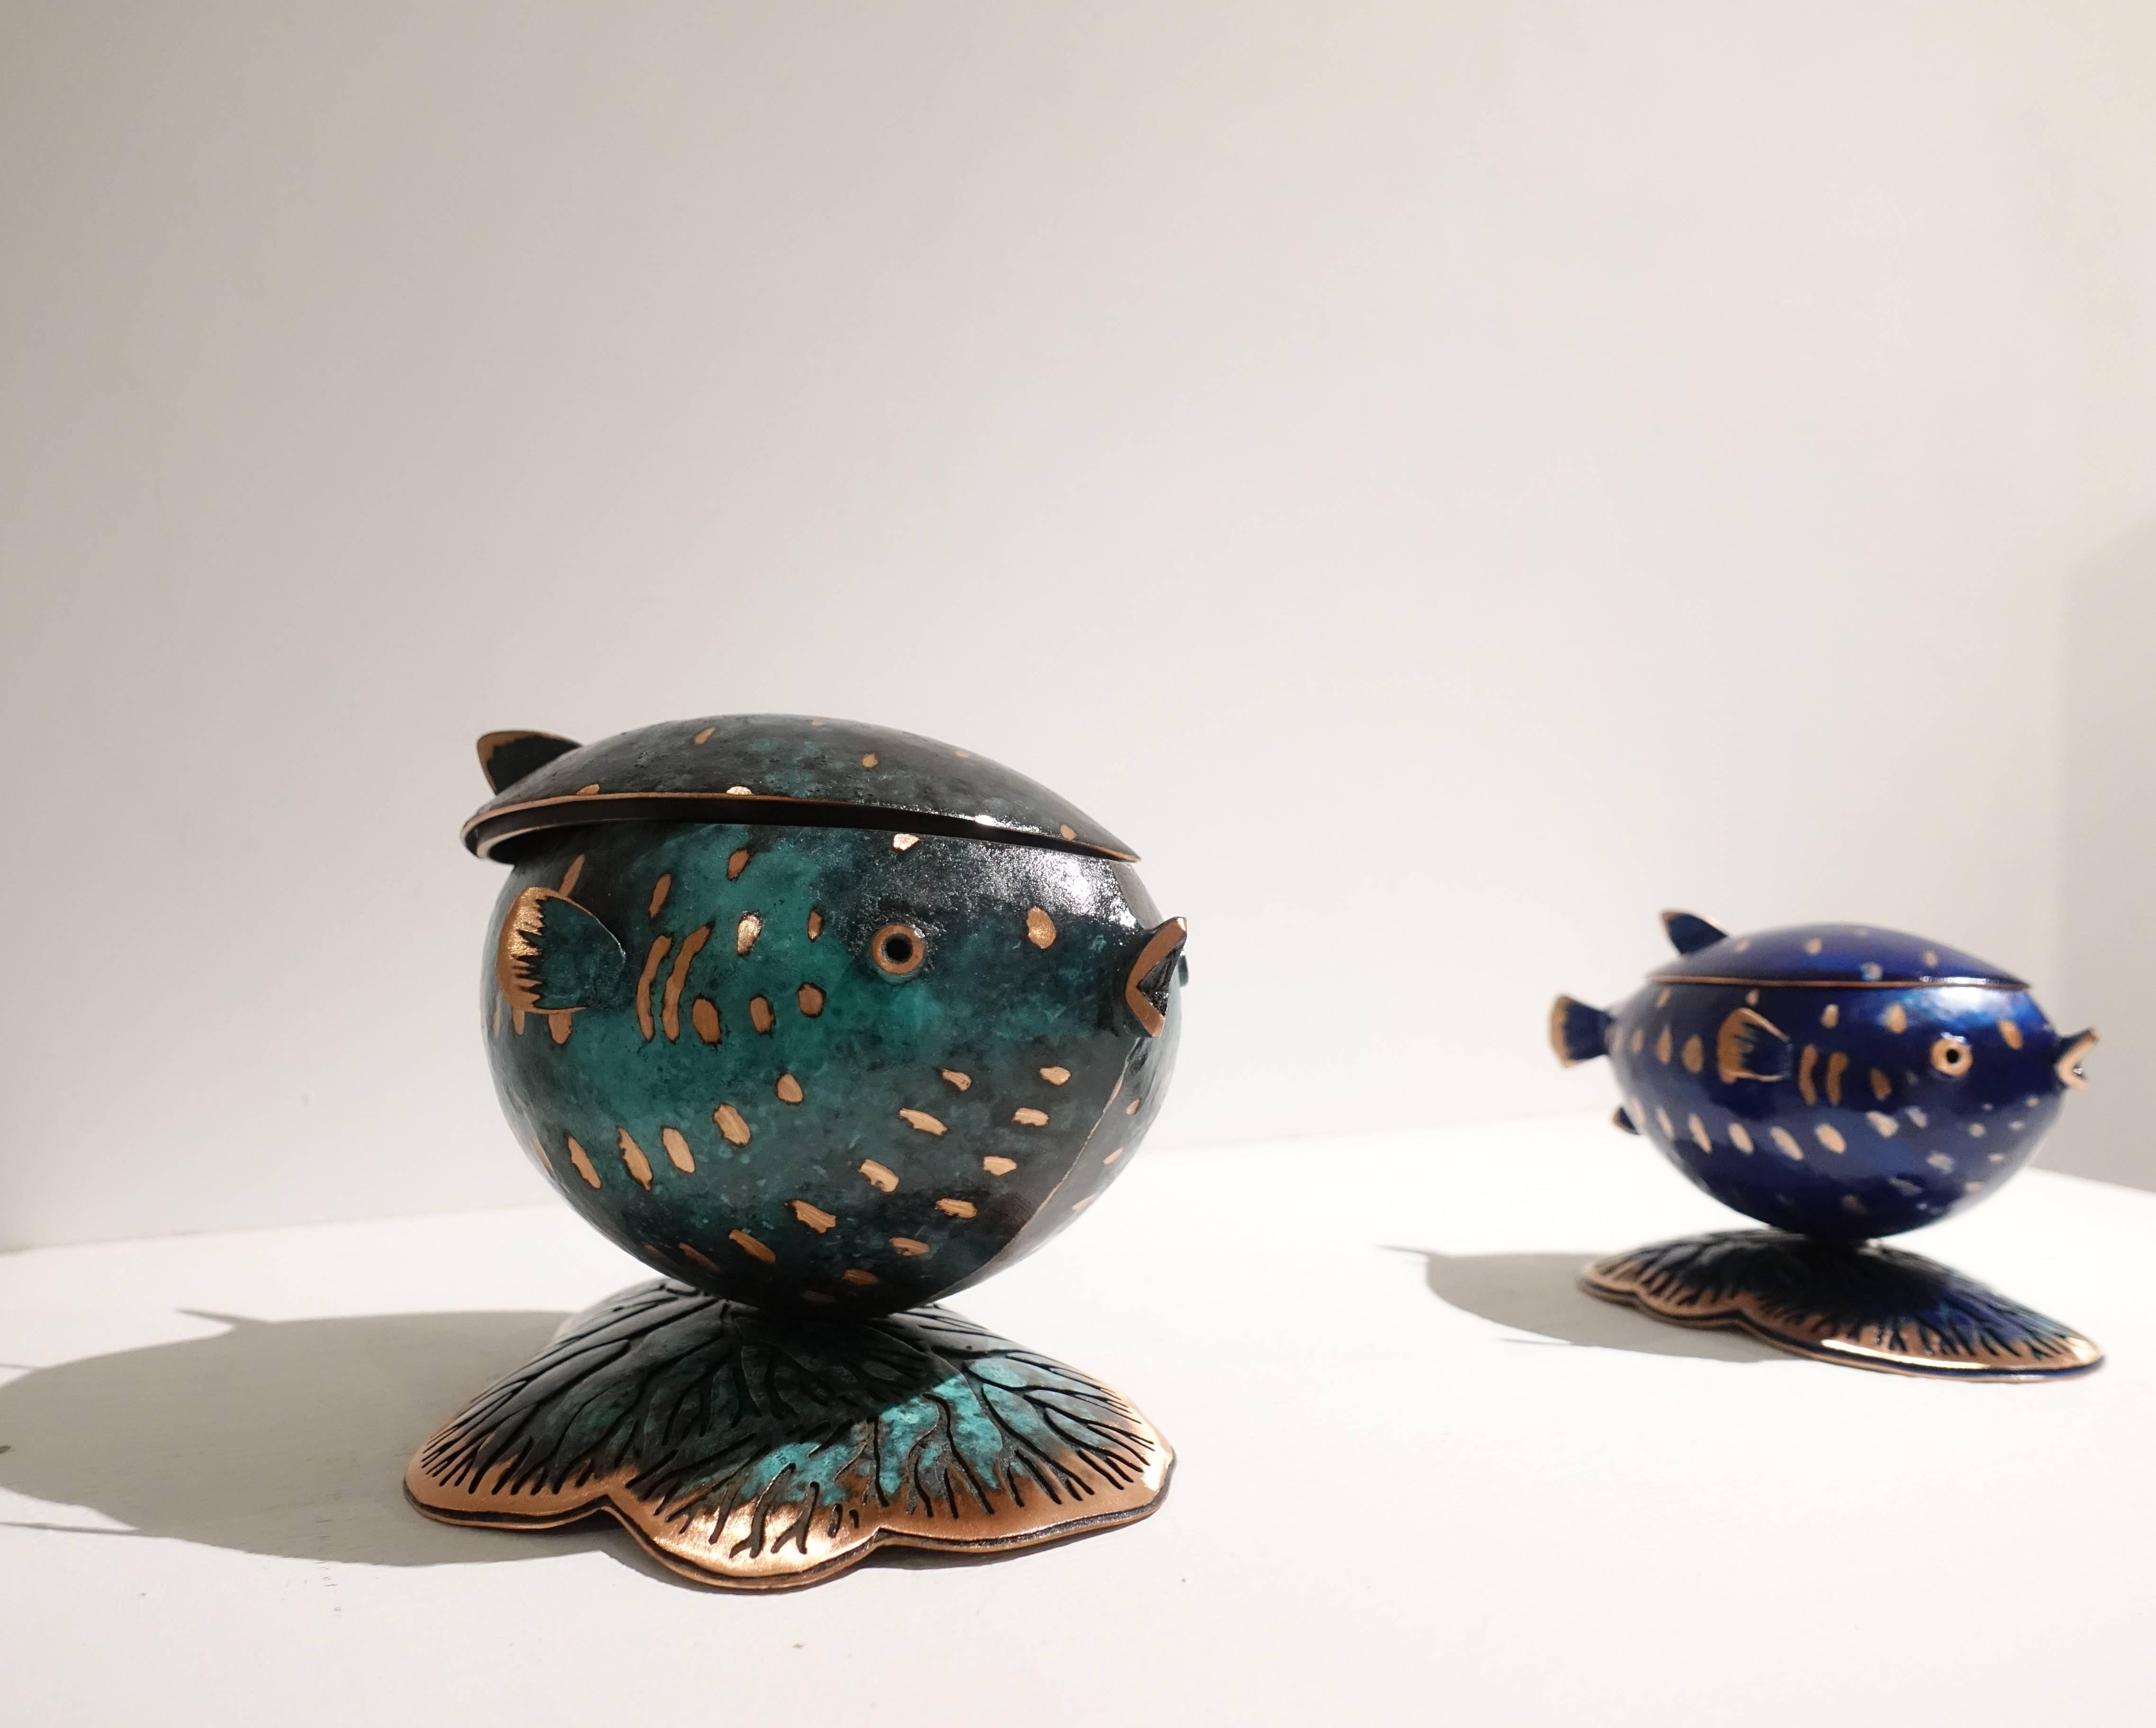 表溟善Pyo Myeong sun,《珠寶盒》《希望的珠寶盒》,紅銅、硝酸銅、顏料。